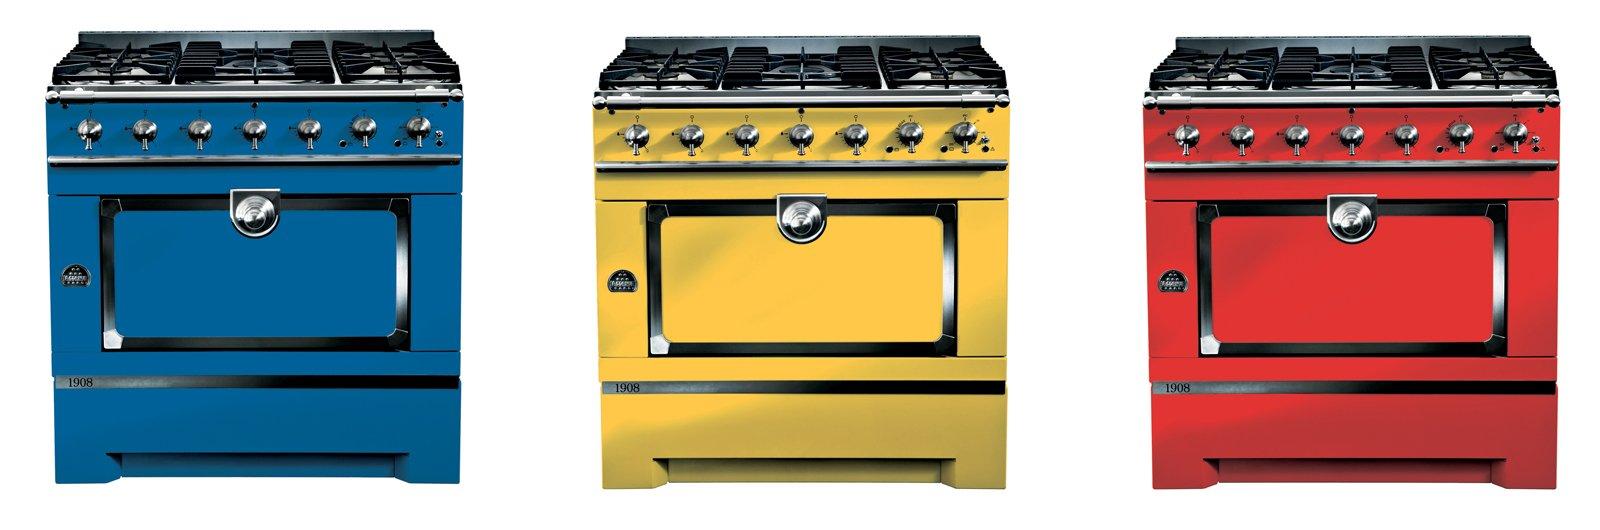 Cucina freestanding il blocco cottura cambia colore - Cucina con forno a gas ...